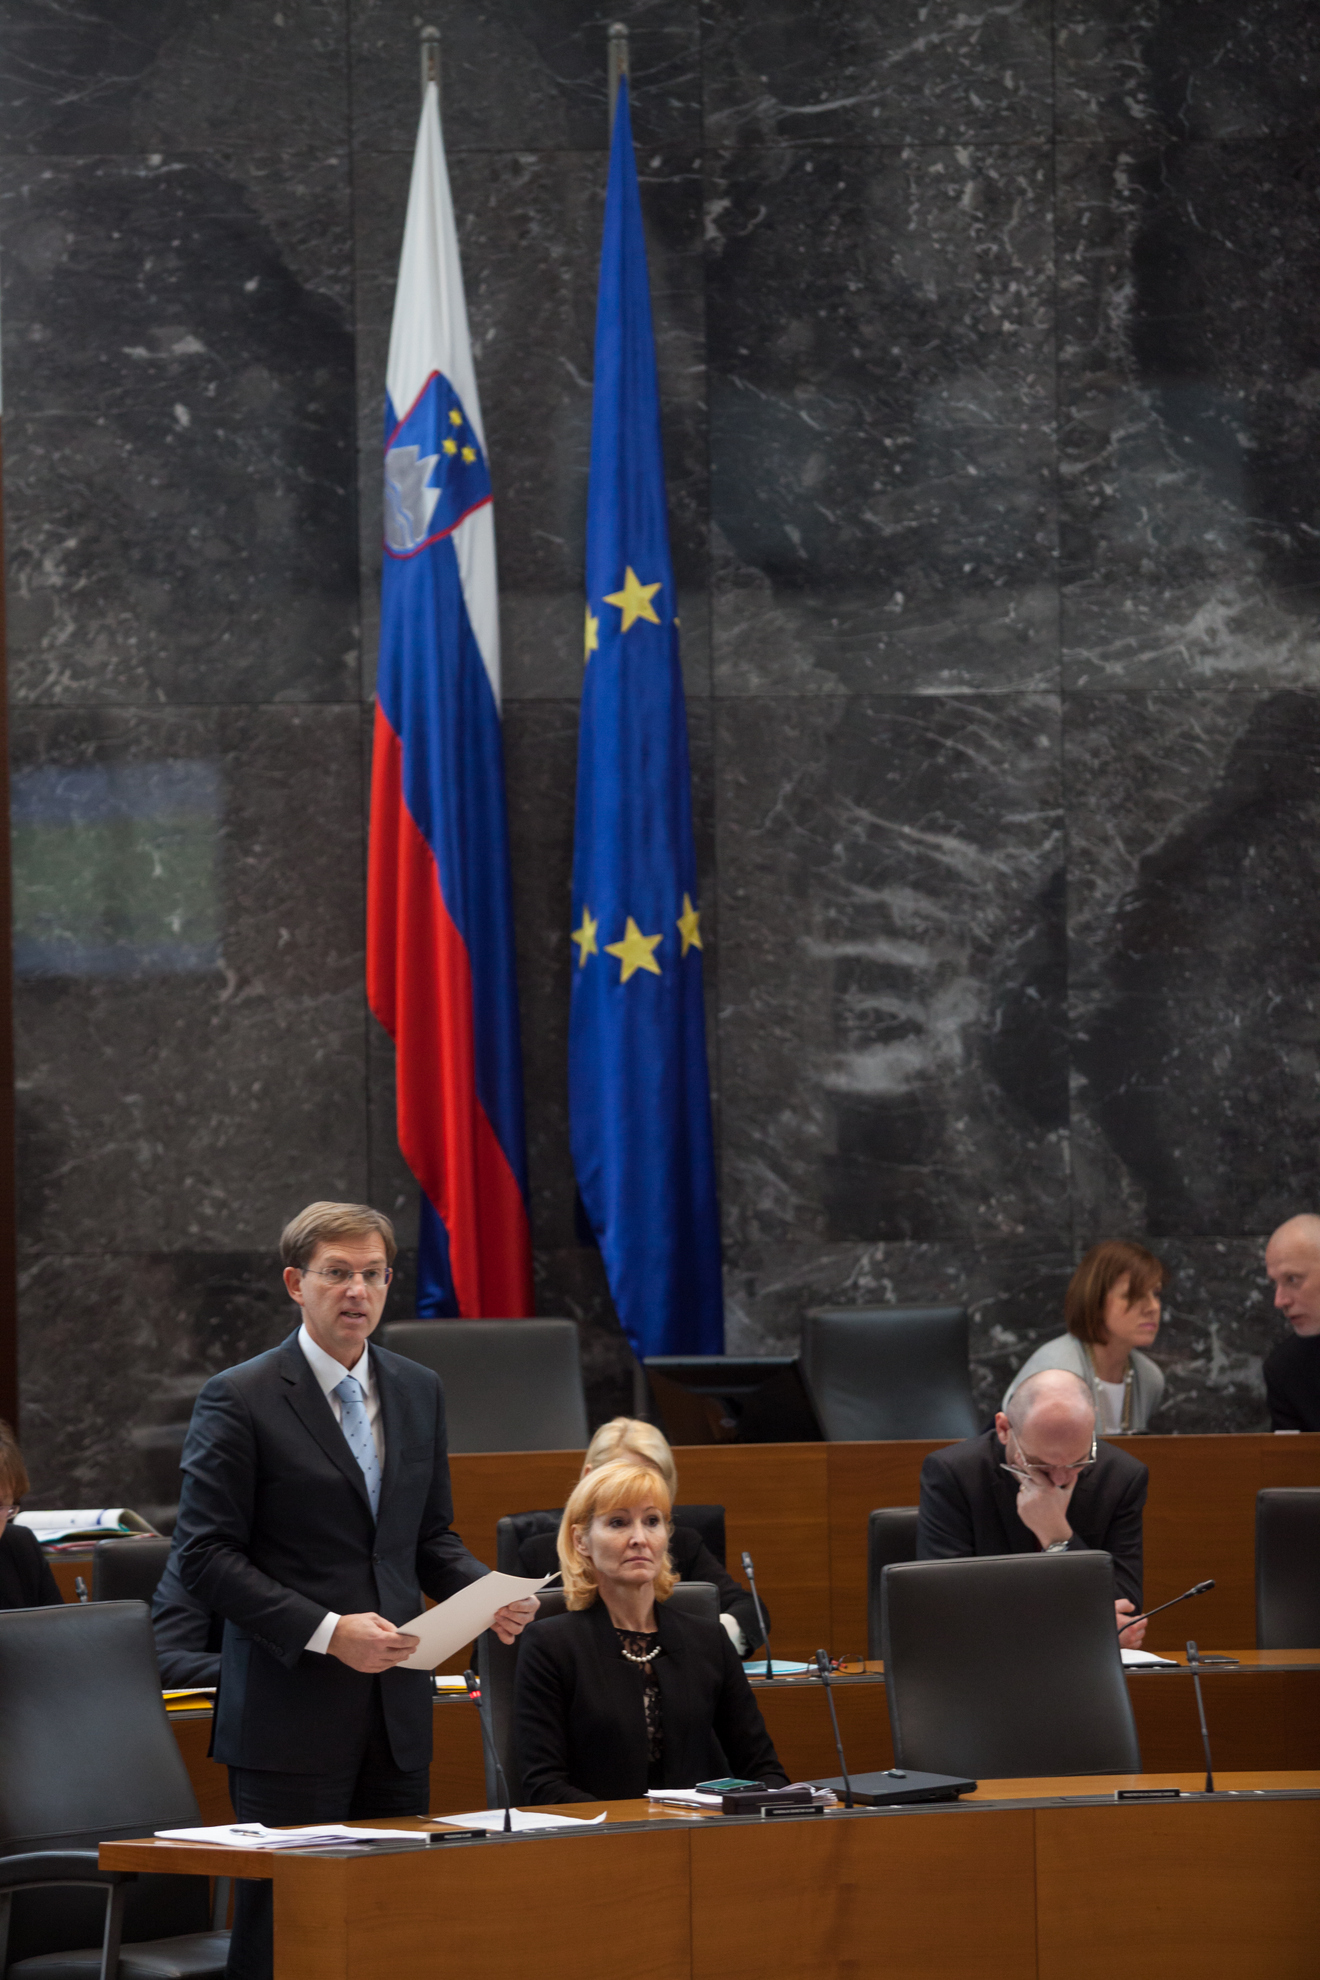 14.11.2016 Ljubljana, Državni zbor. Seja DZ s poslanskimi vprašanji predsedniku vlade Miru Cerarju in ministrski ekipi